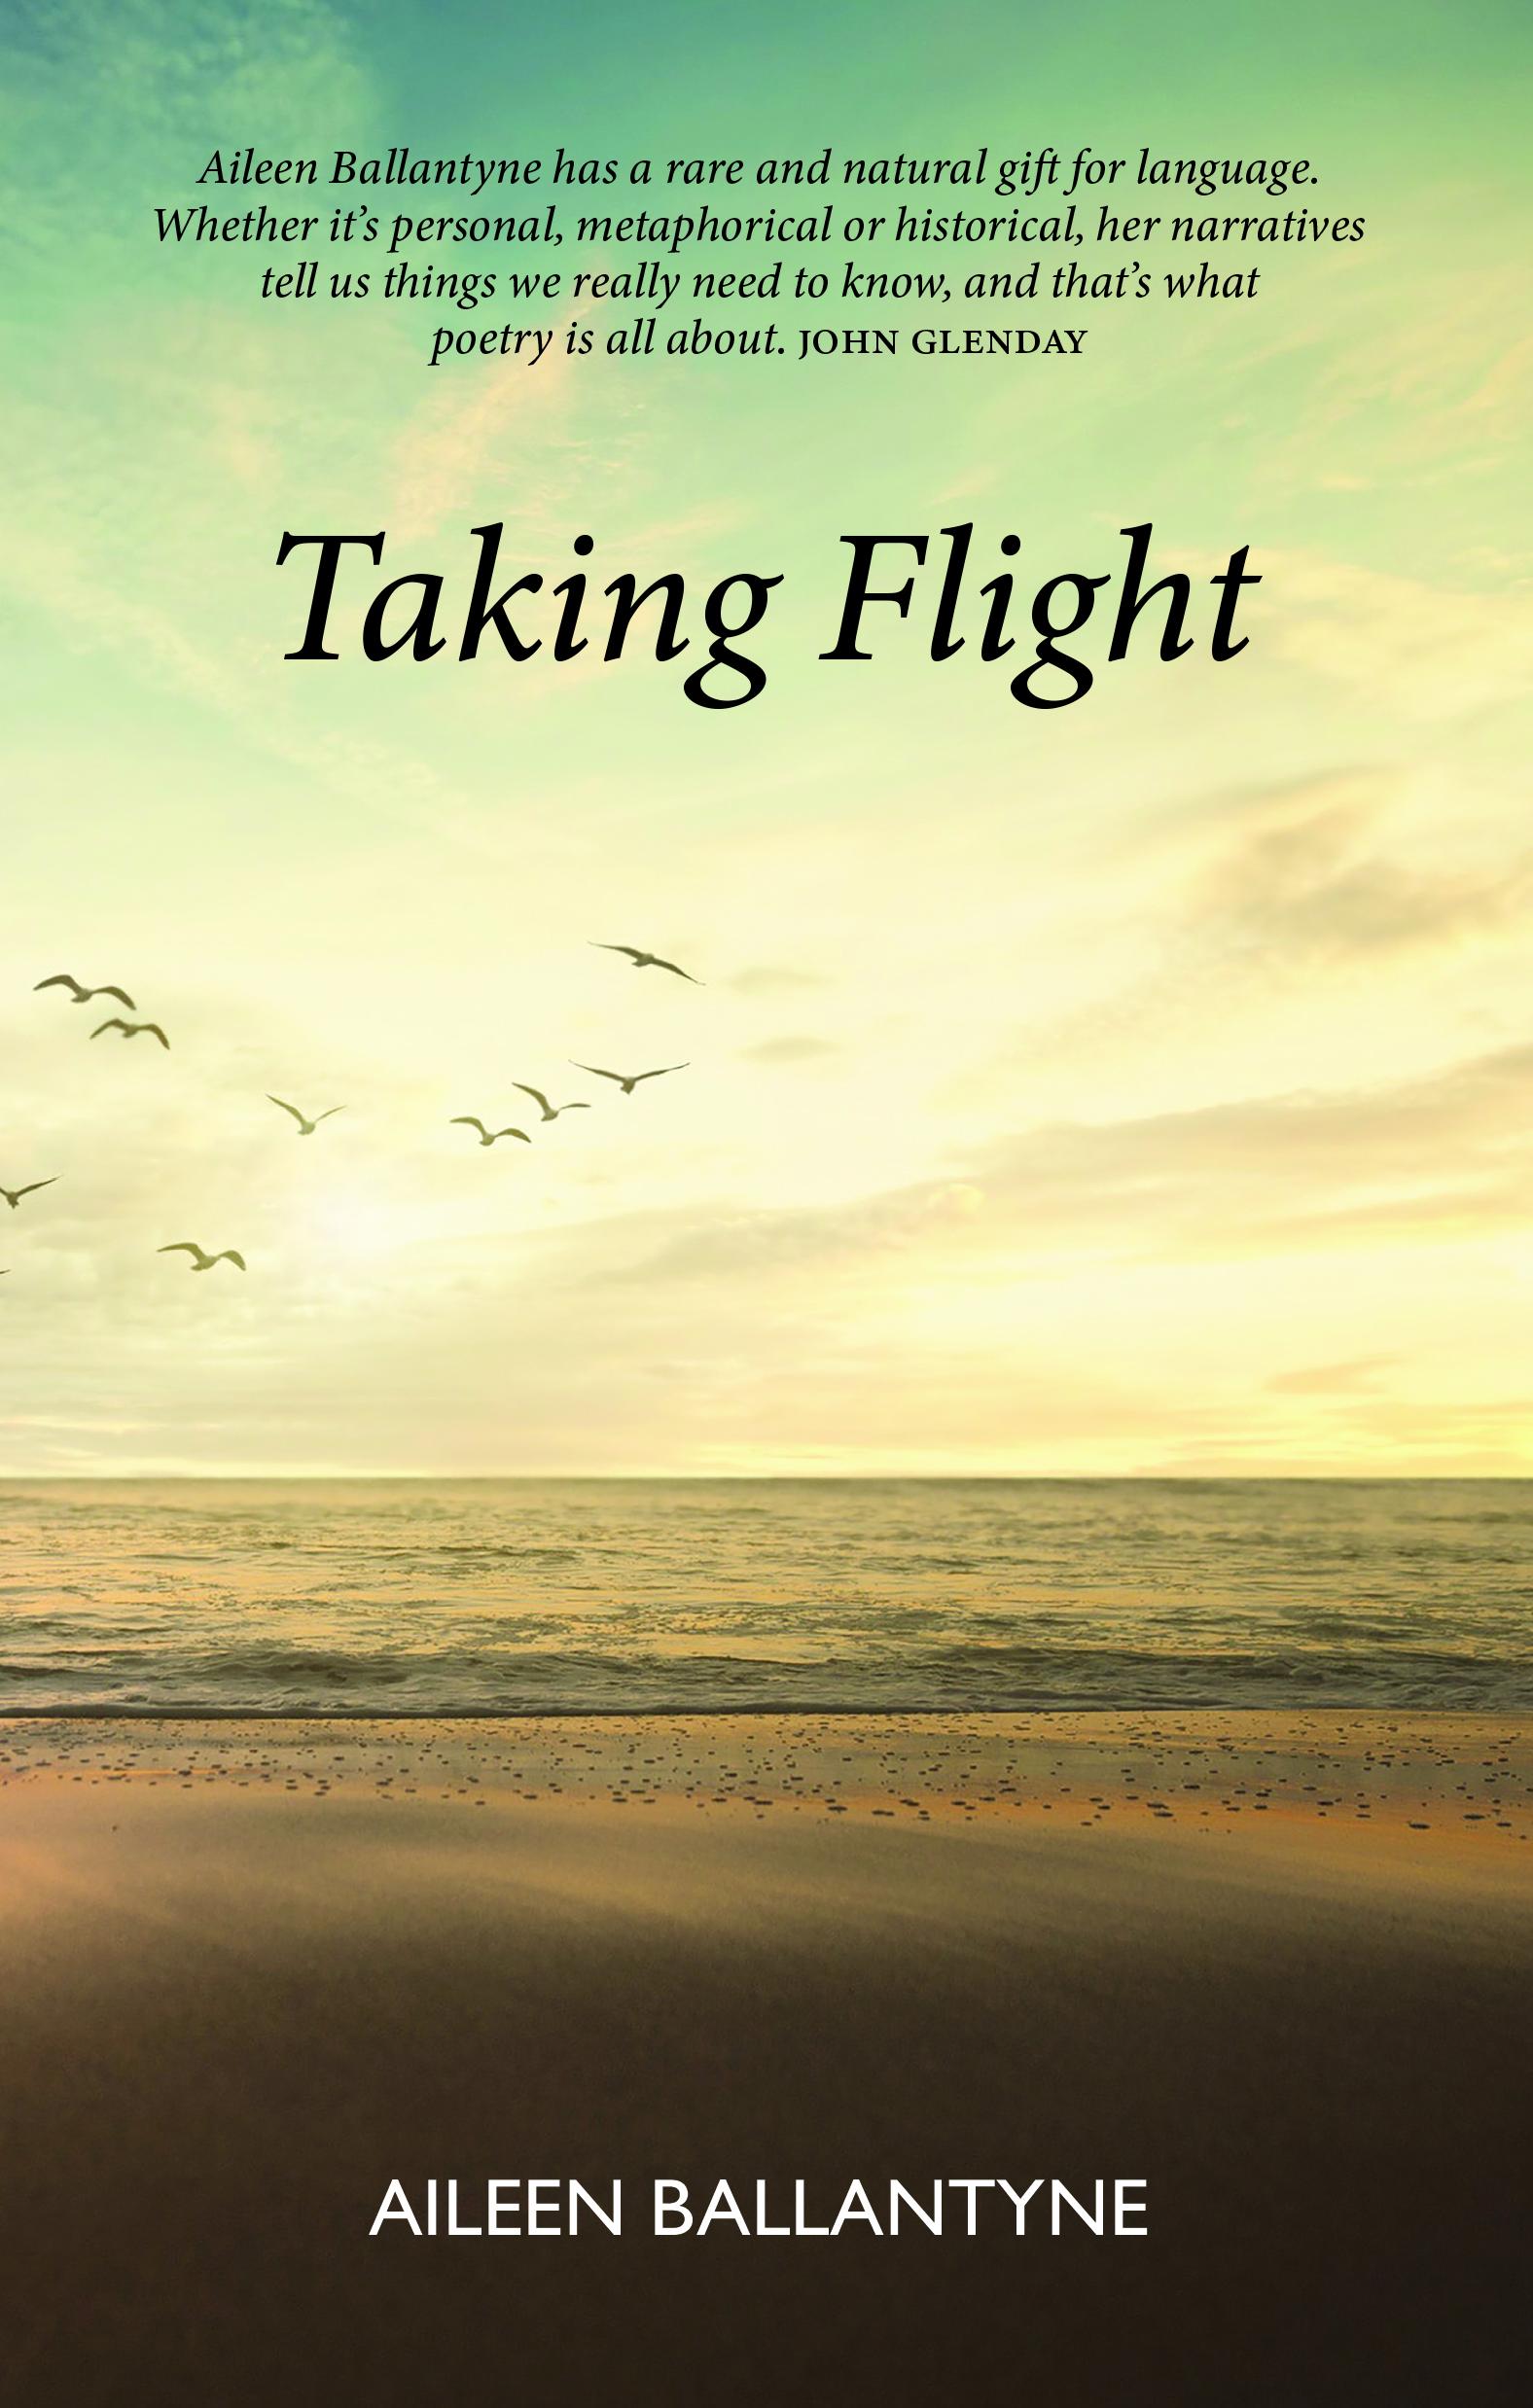 Taking Flight Aileen Ballantyne 9781913025410 Luath Press.jpg